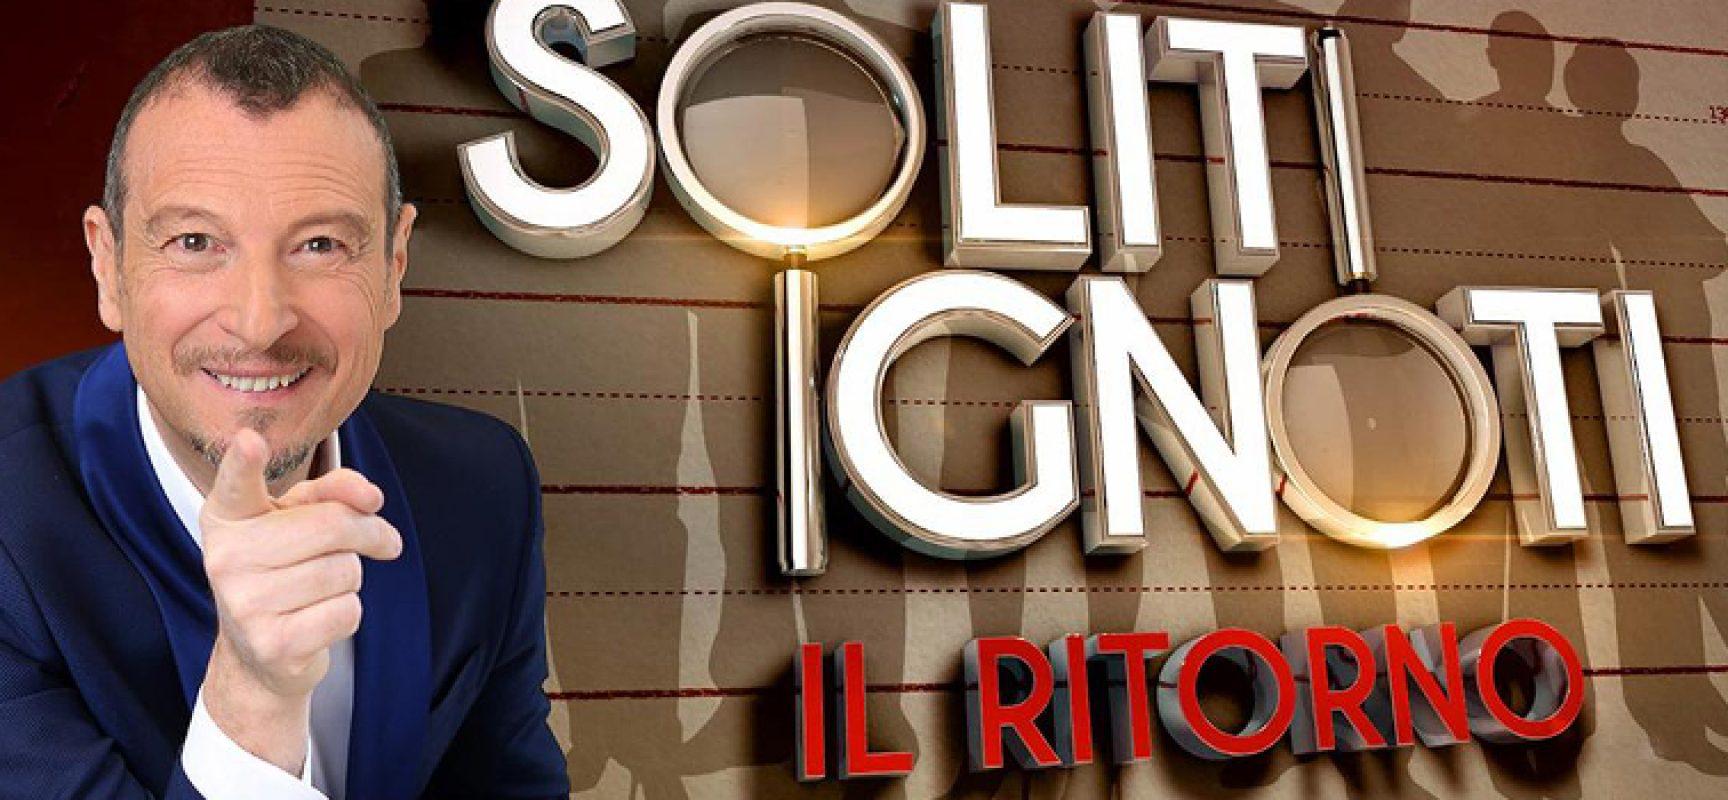 """Raiuno, il game show """"Soliti Ignoti"""" cerca concorrenti e comparse / Ecco come candidarsi"""